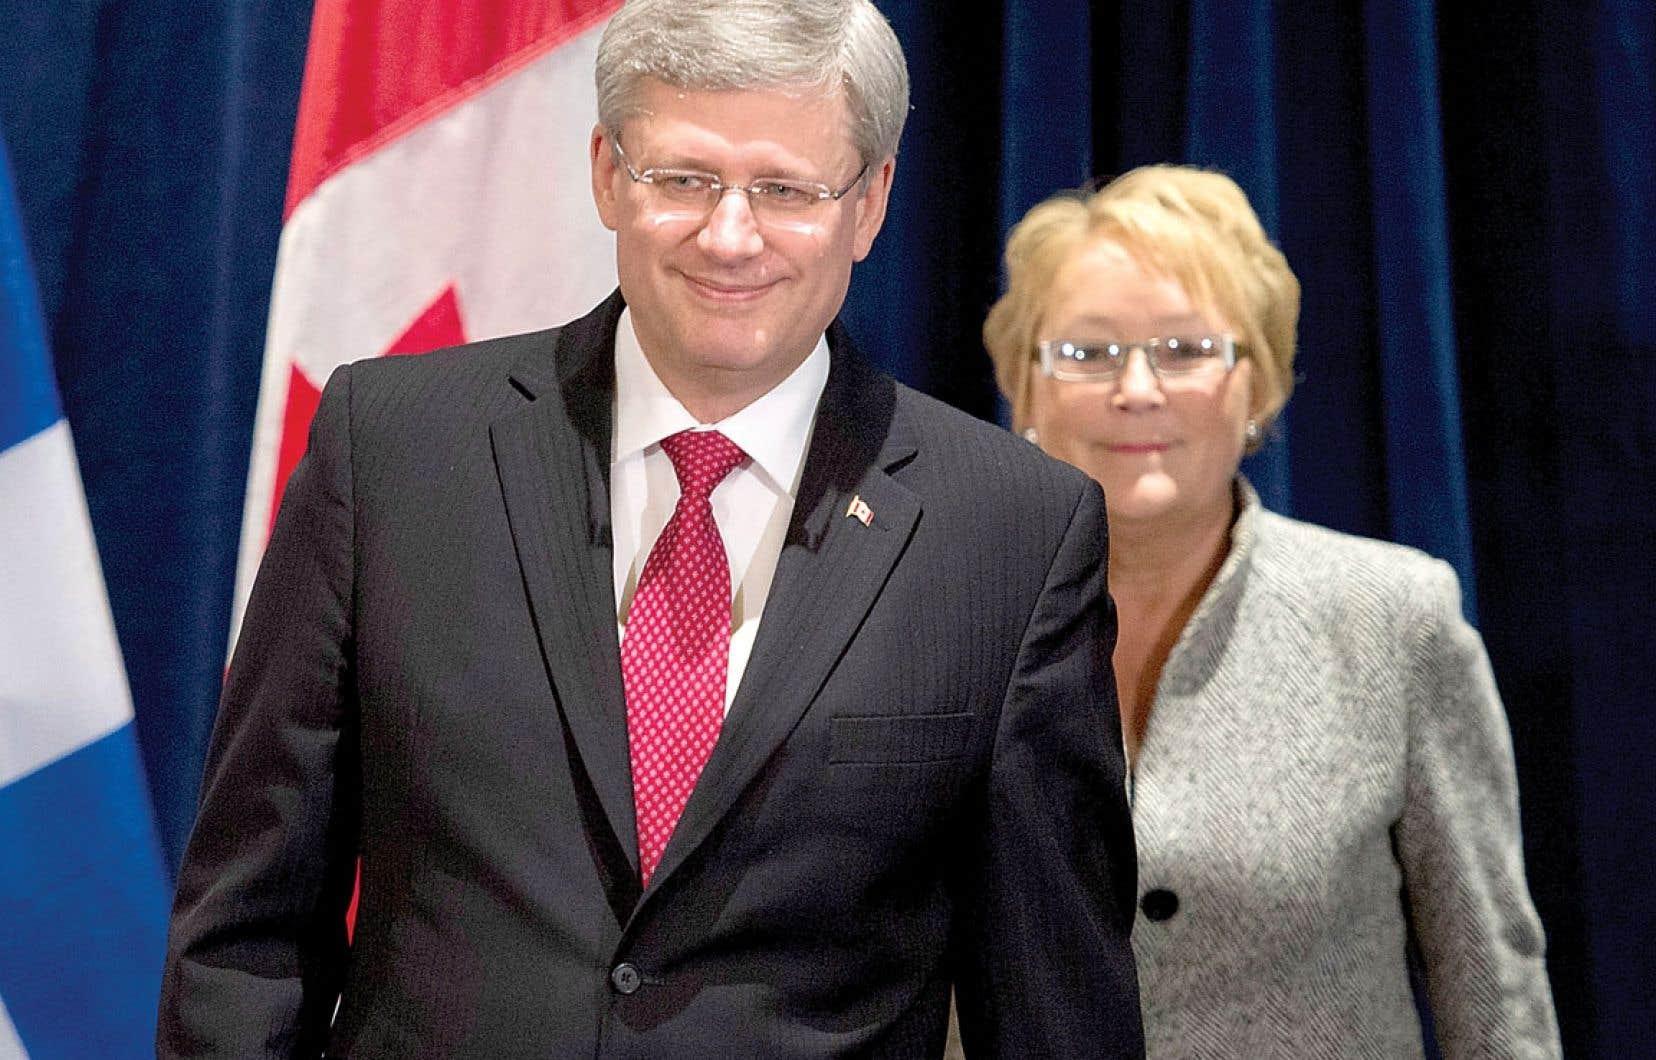 <div> De passage à Lévis vendredi, où il a rencontré la première ministre Pauline Marois, M. Harper a rappelé que l'assurance-emploi «est une compétence clairement fédérale, selon la Constitution canadienne. Nous avons l'intention de respecter cette compétence.»</div>